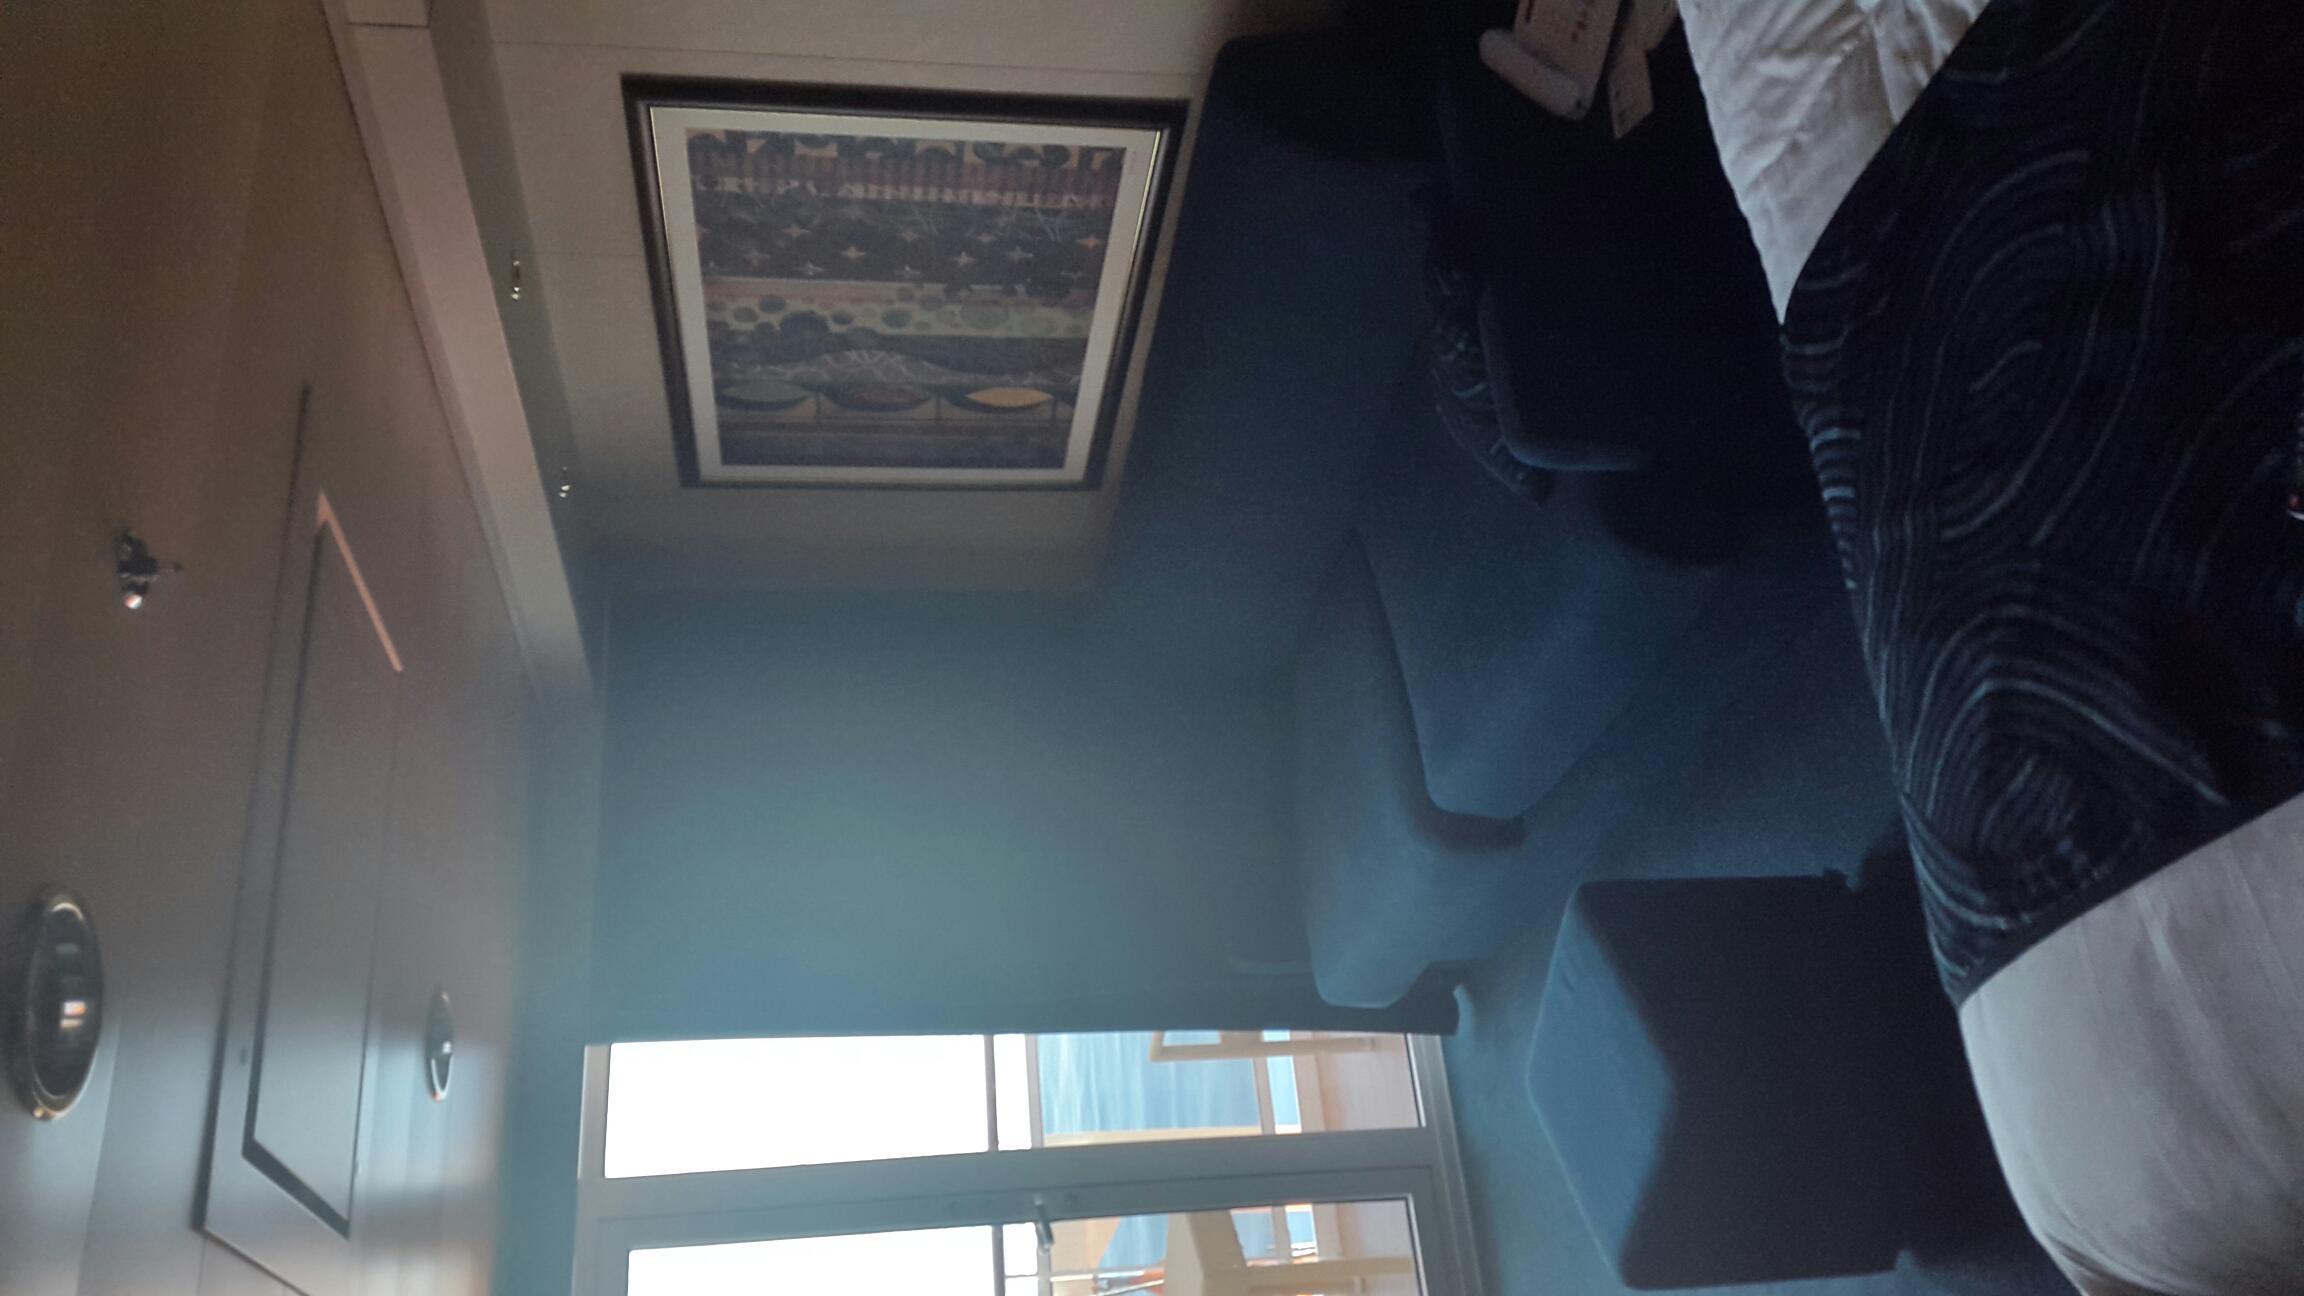 Balcony Stateroom, Cabin Category BV, MSC Splendida